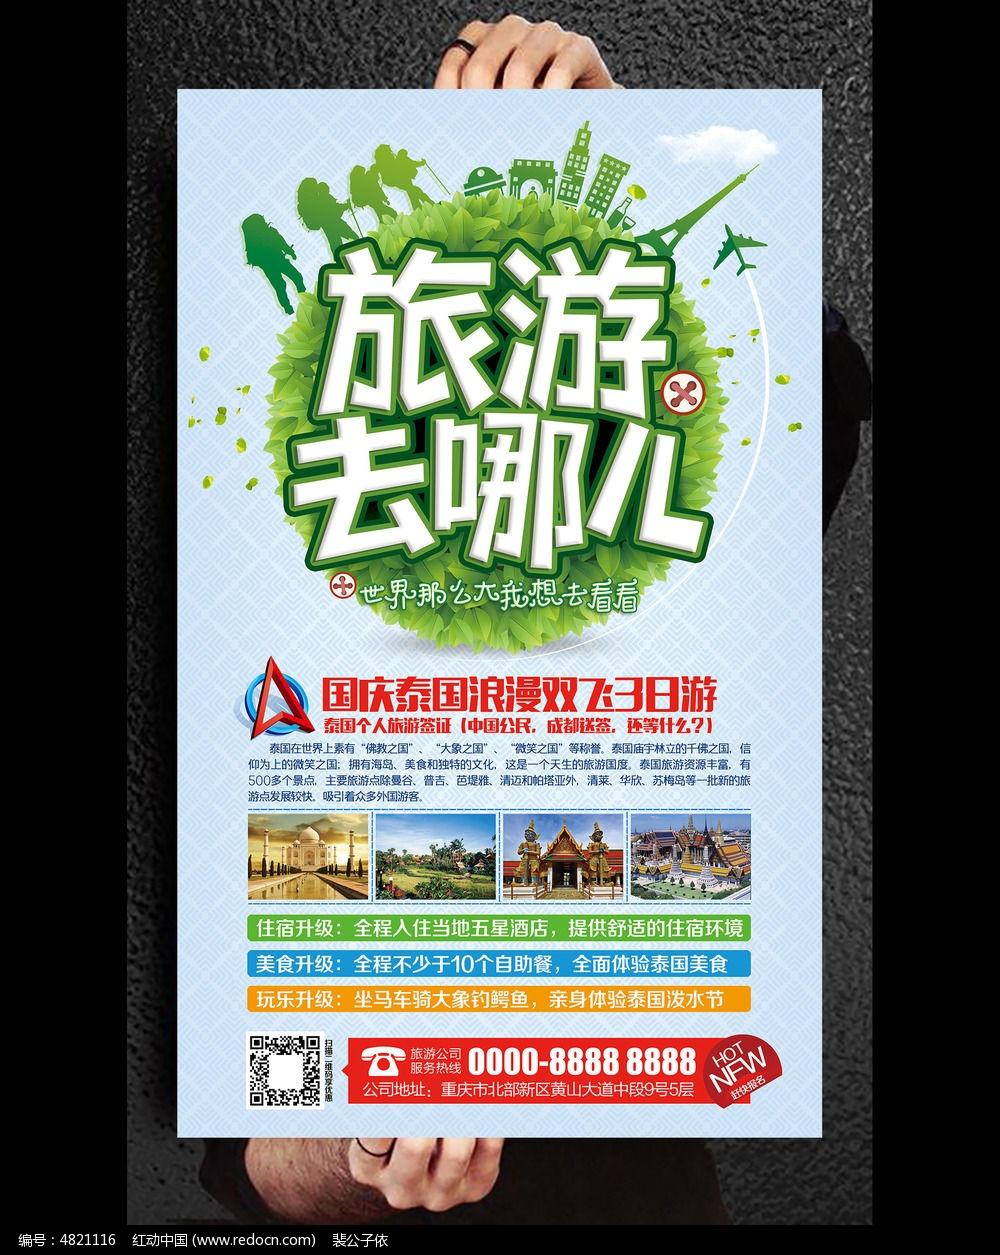 旅游公司促销活动宣传海报模板psd素材下载